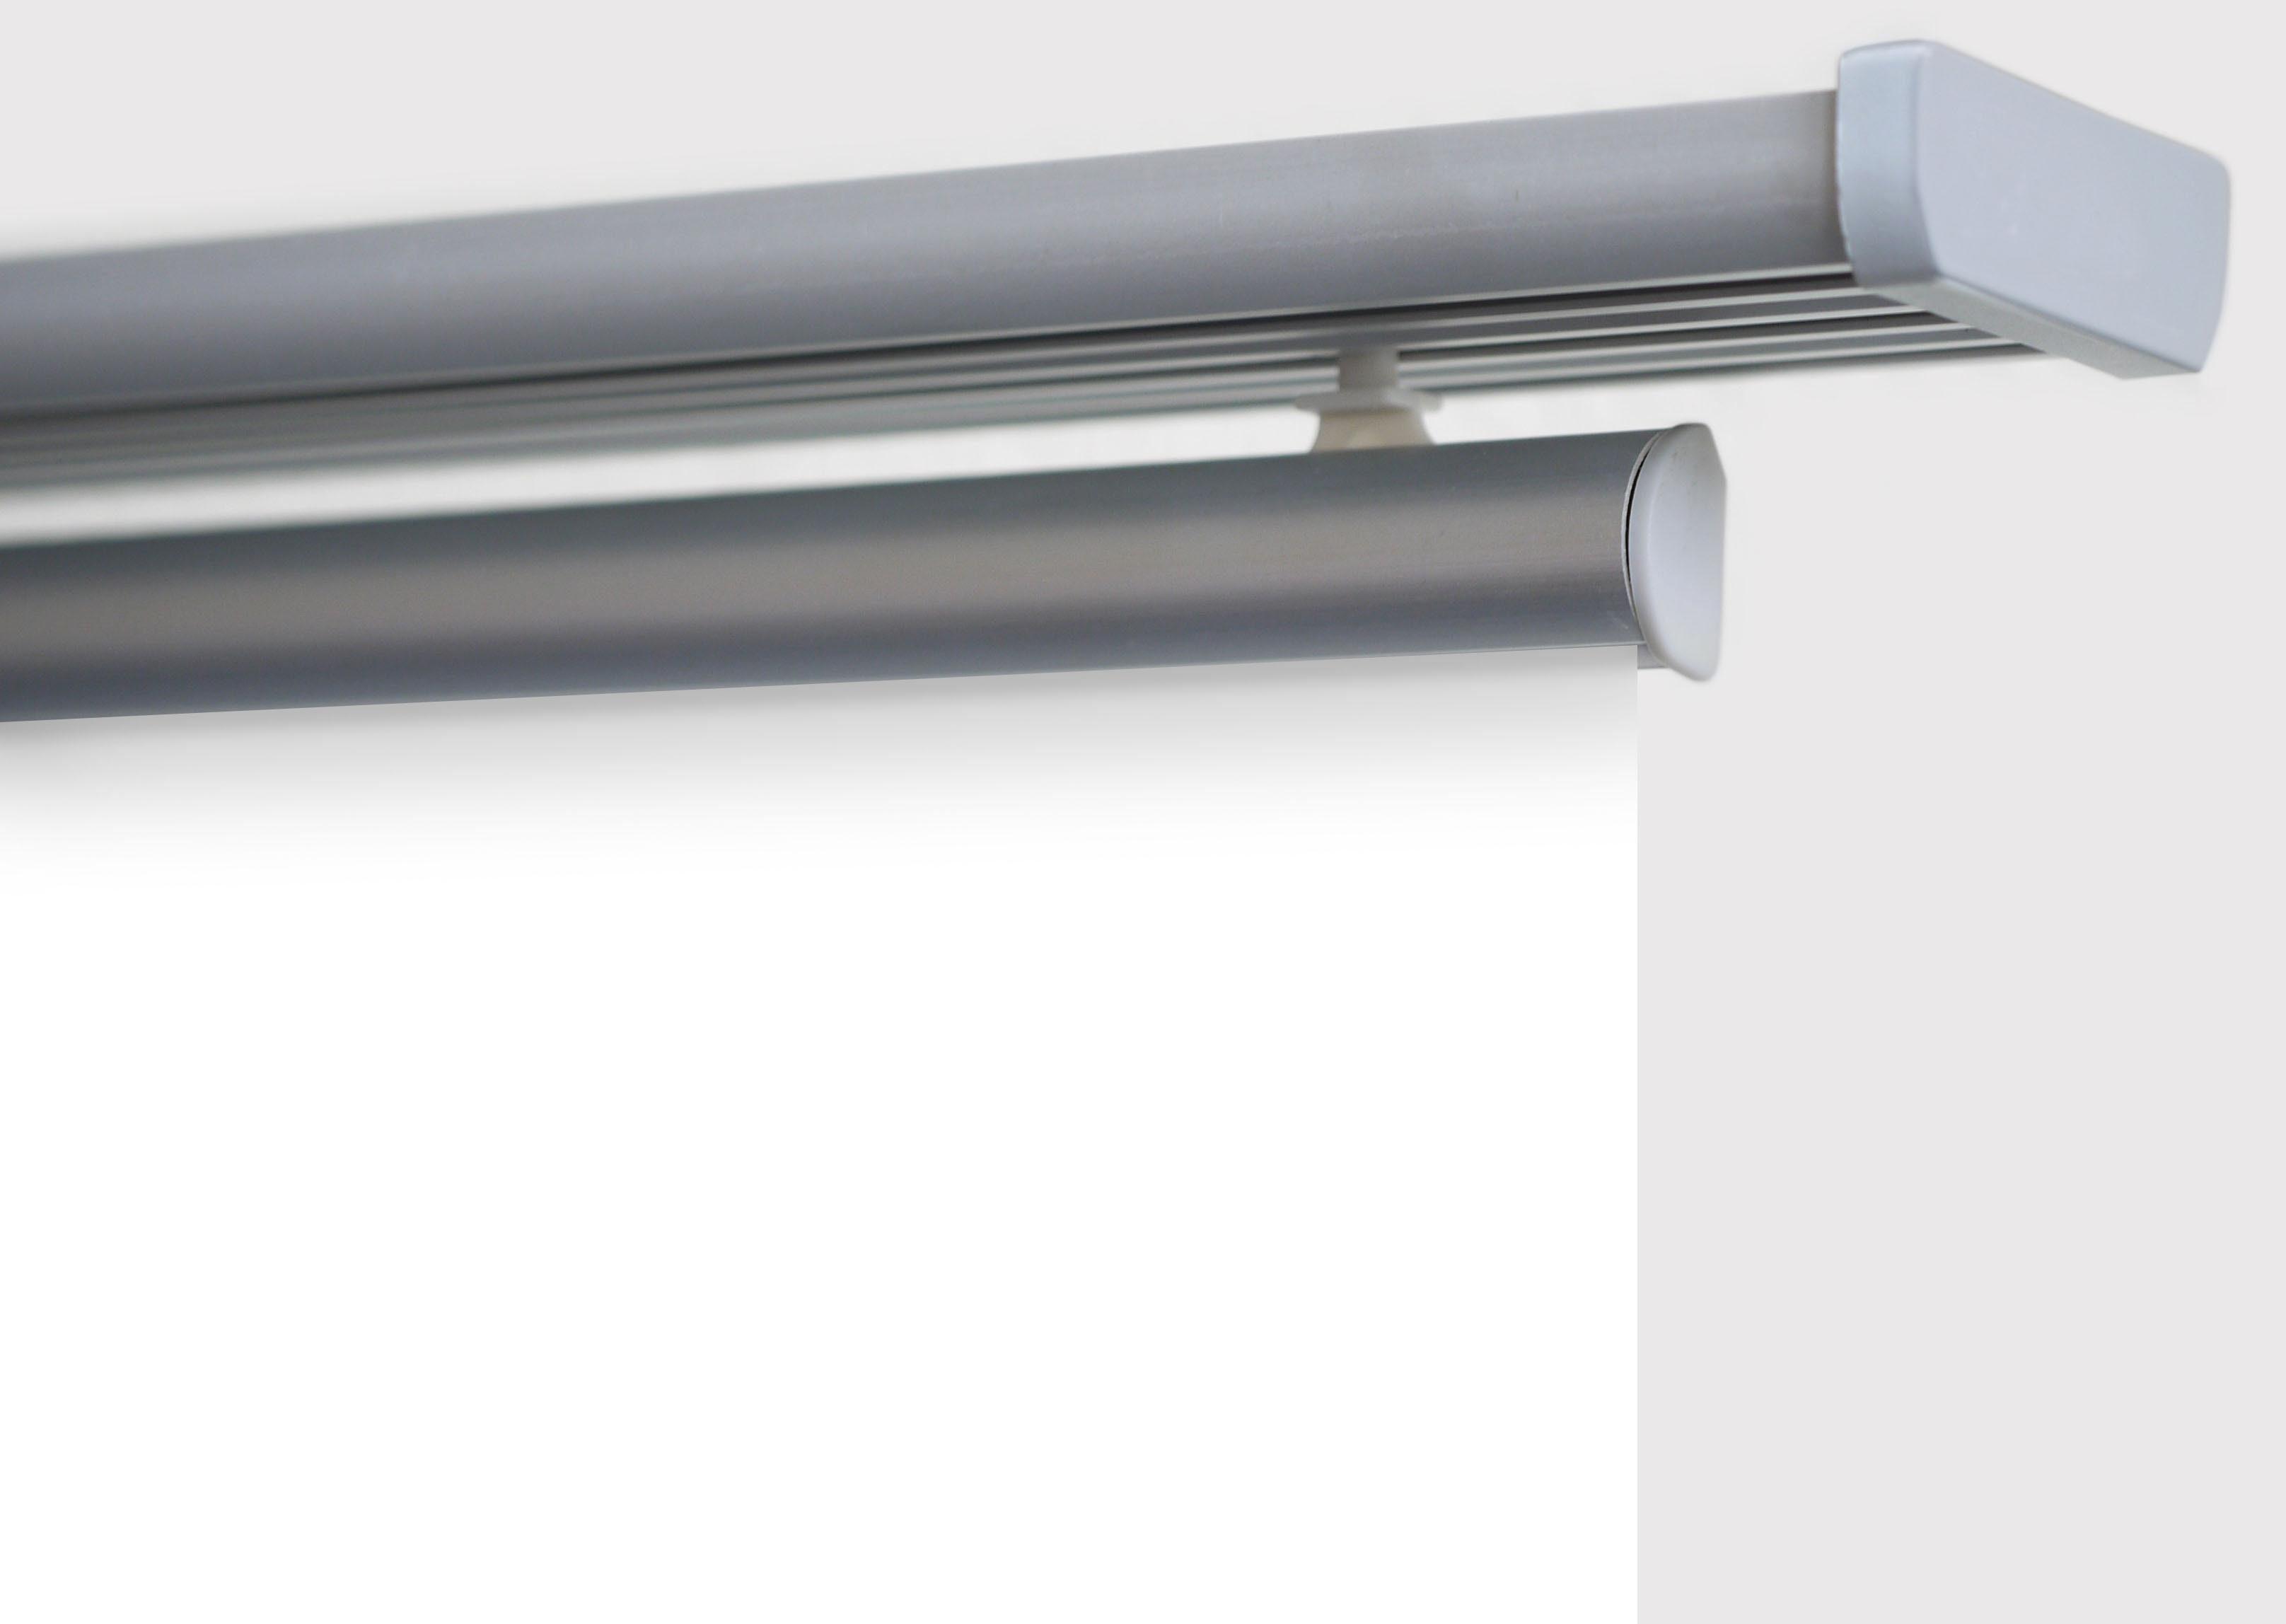 Paneelwagen 60 Cm ~ Paneelwagen cm amazing ixxdesign aluminium paneelwagen